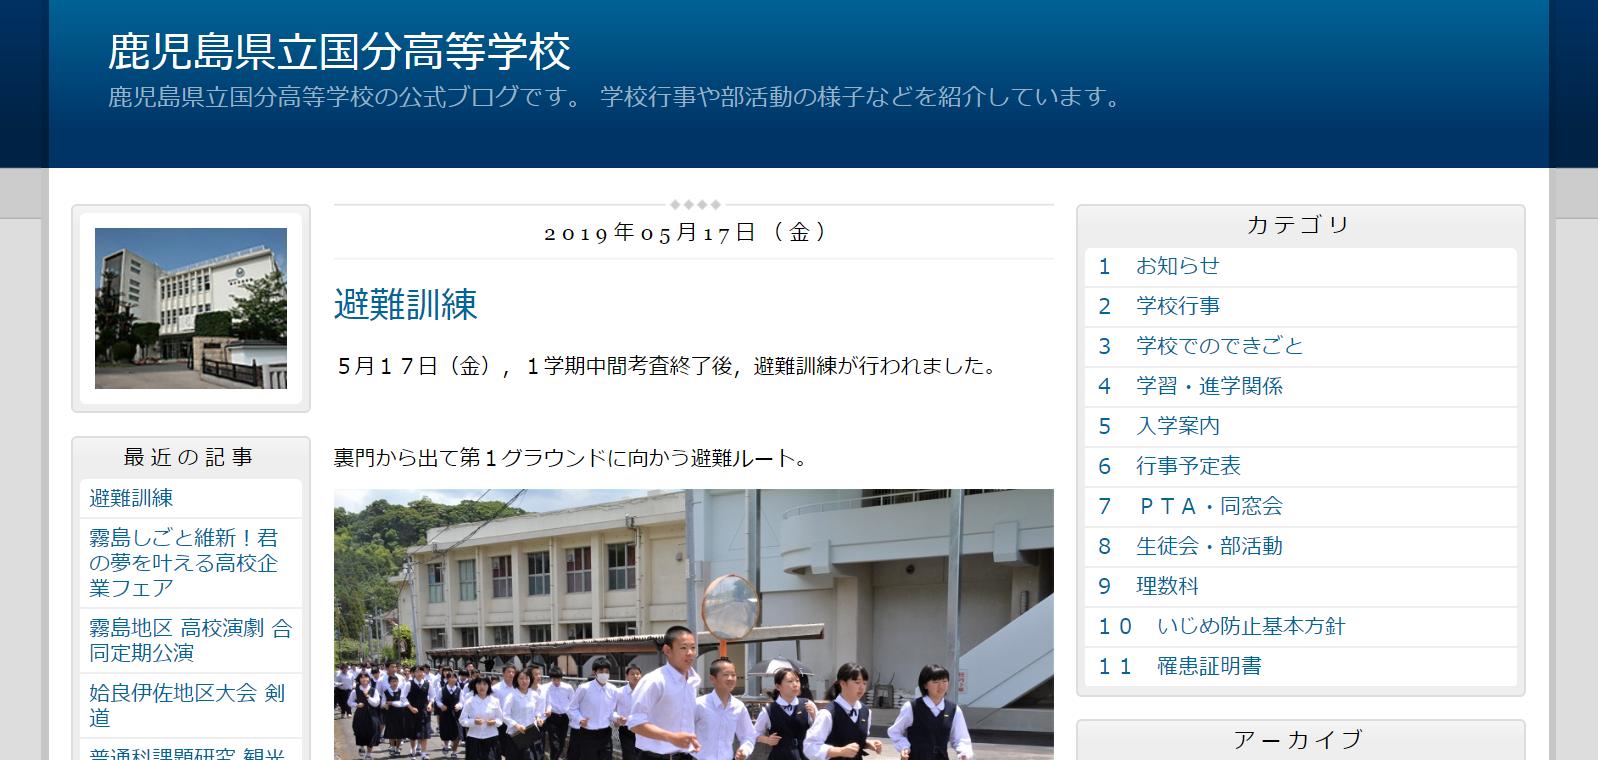 国分高校の口コミ・評判